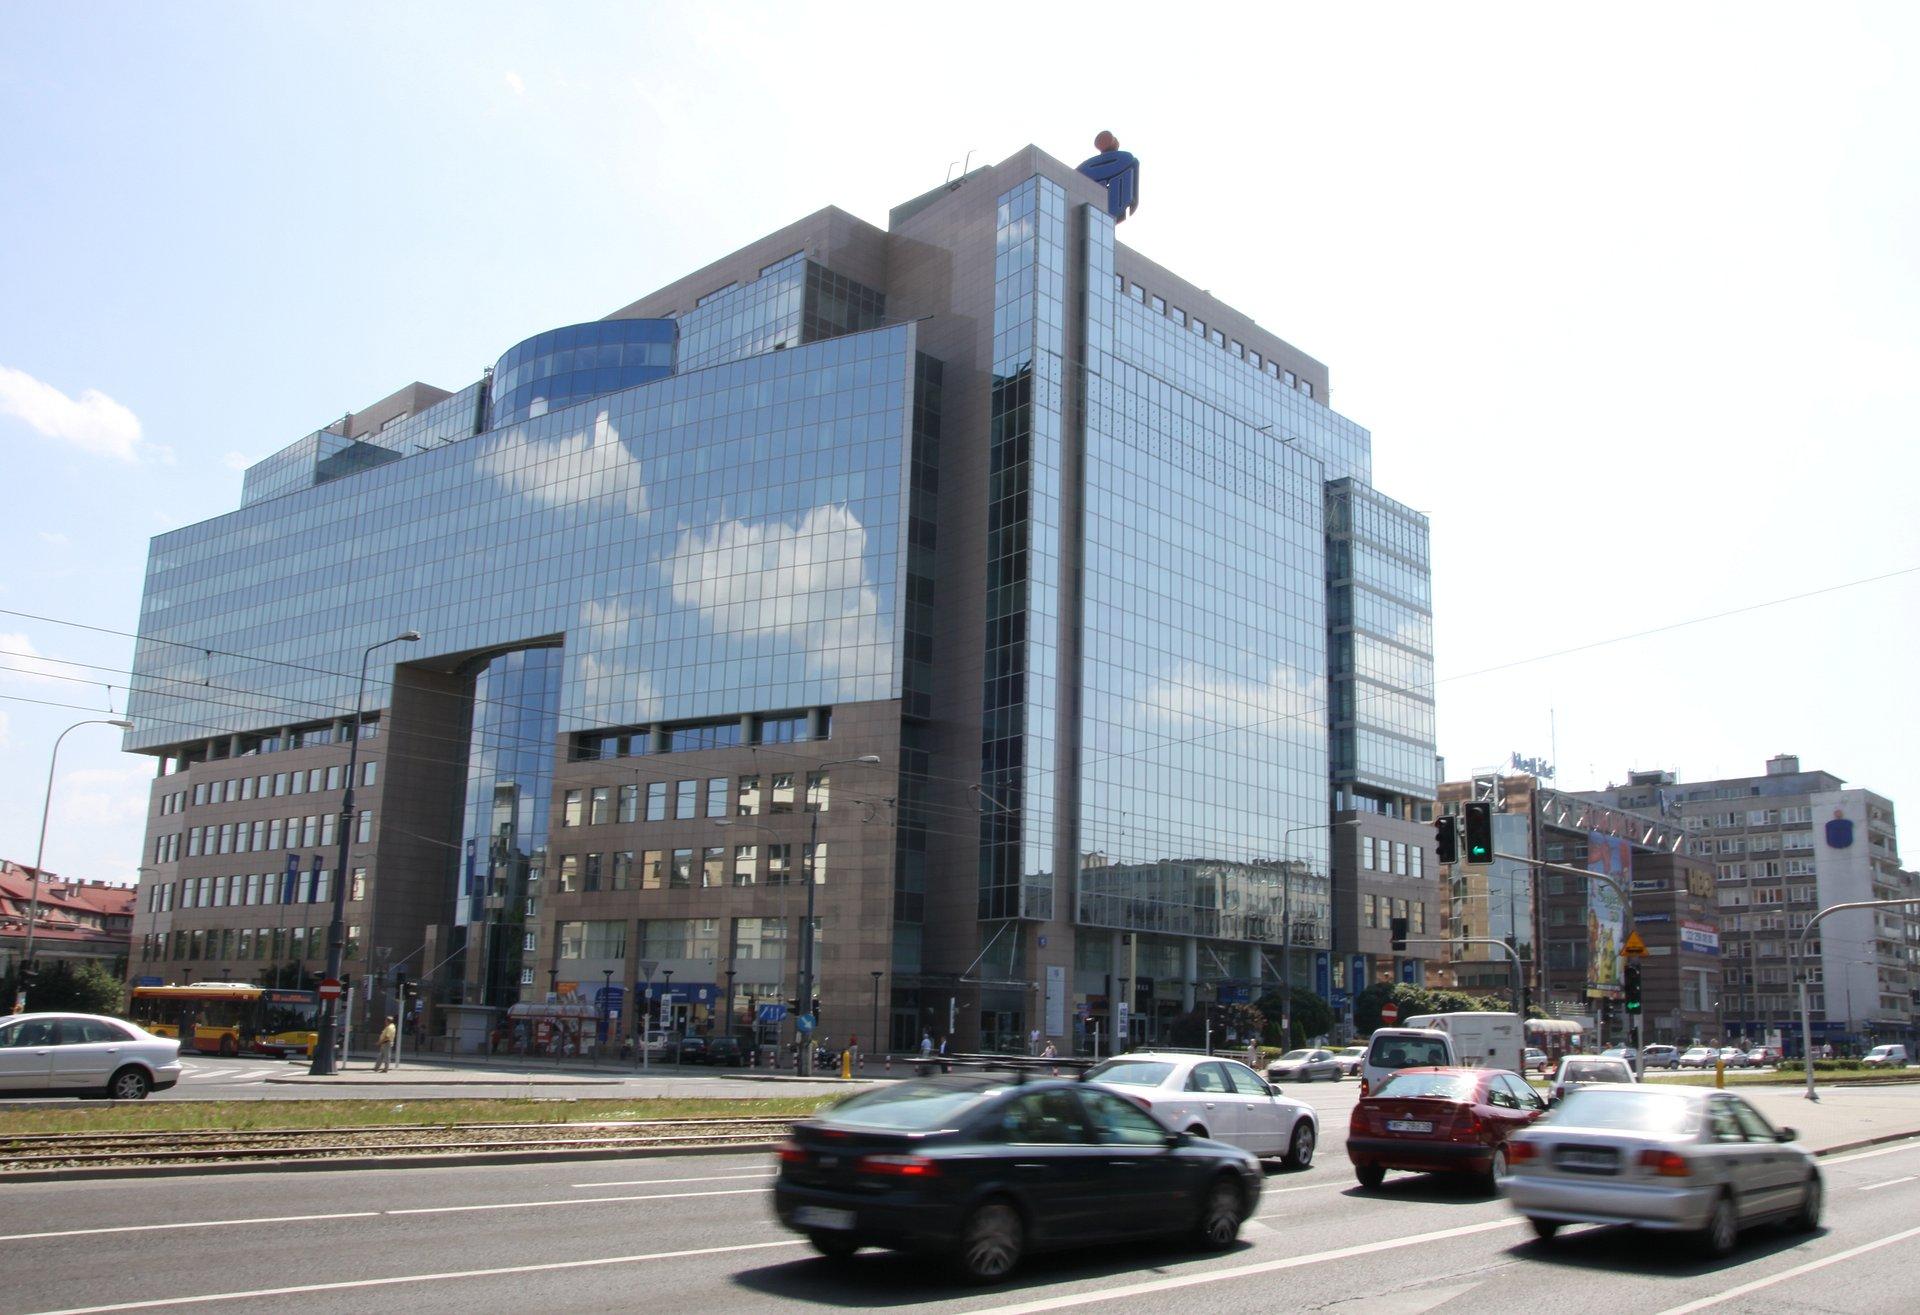 Agencja Moody's podtrzymała wysoki rating PKO Banku Polskiego